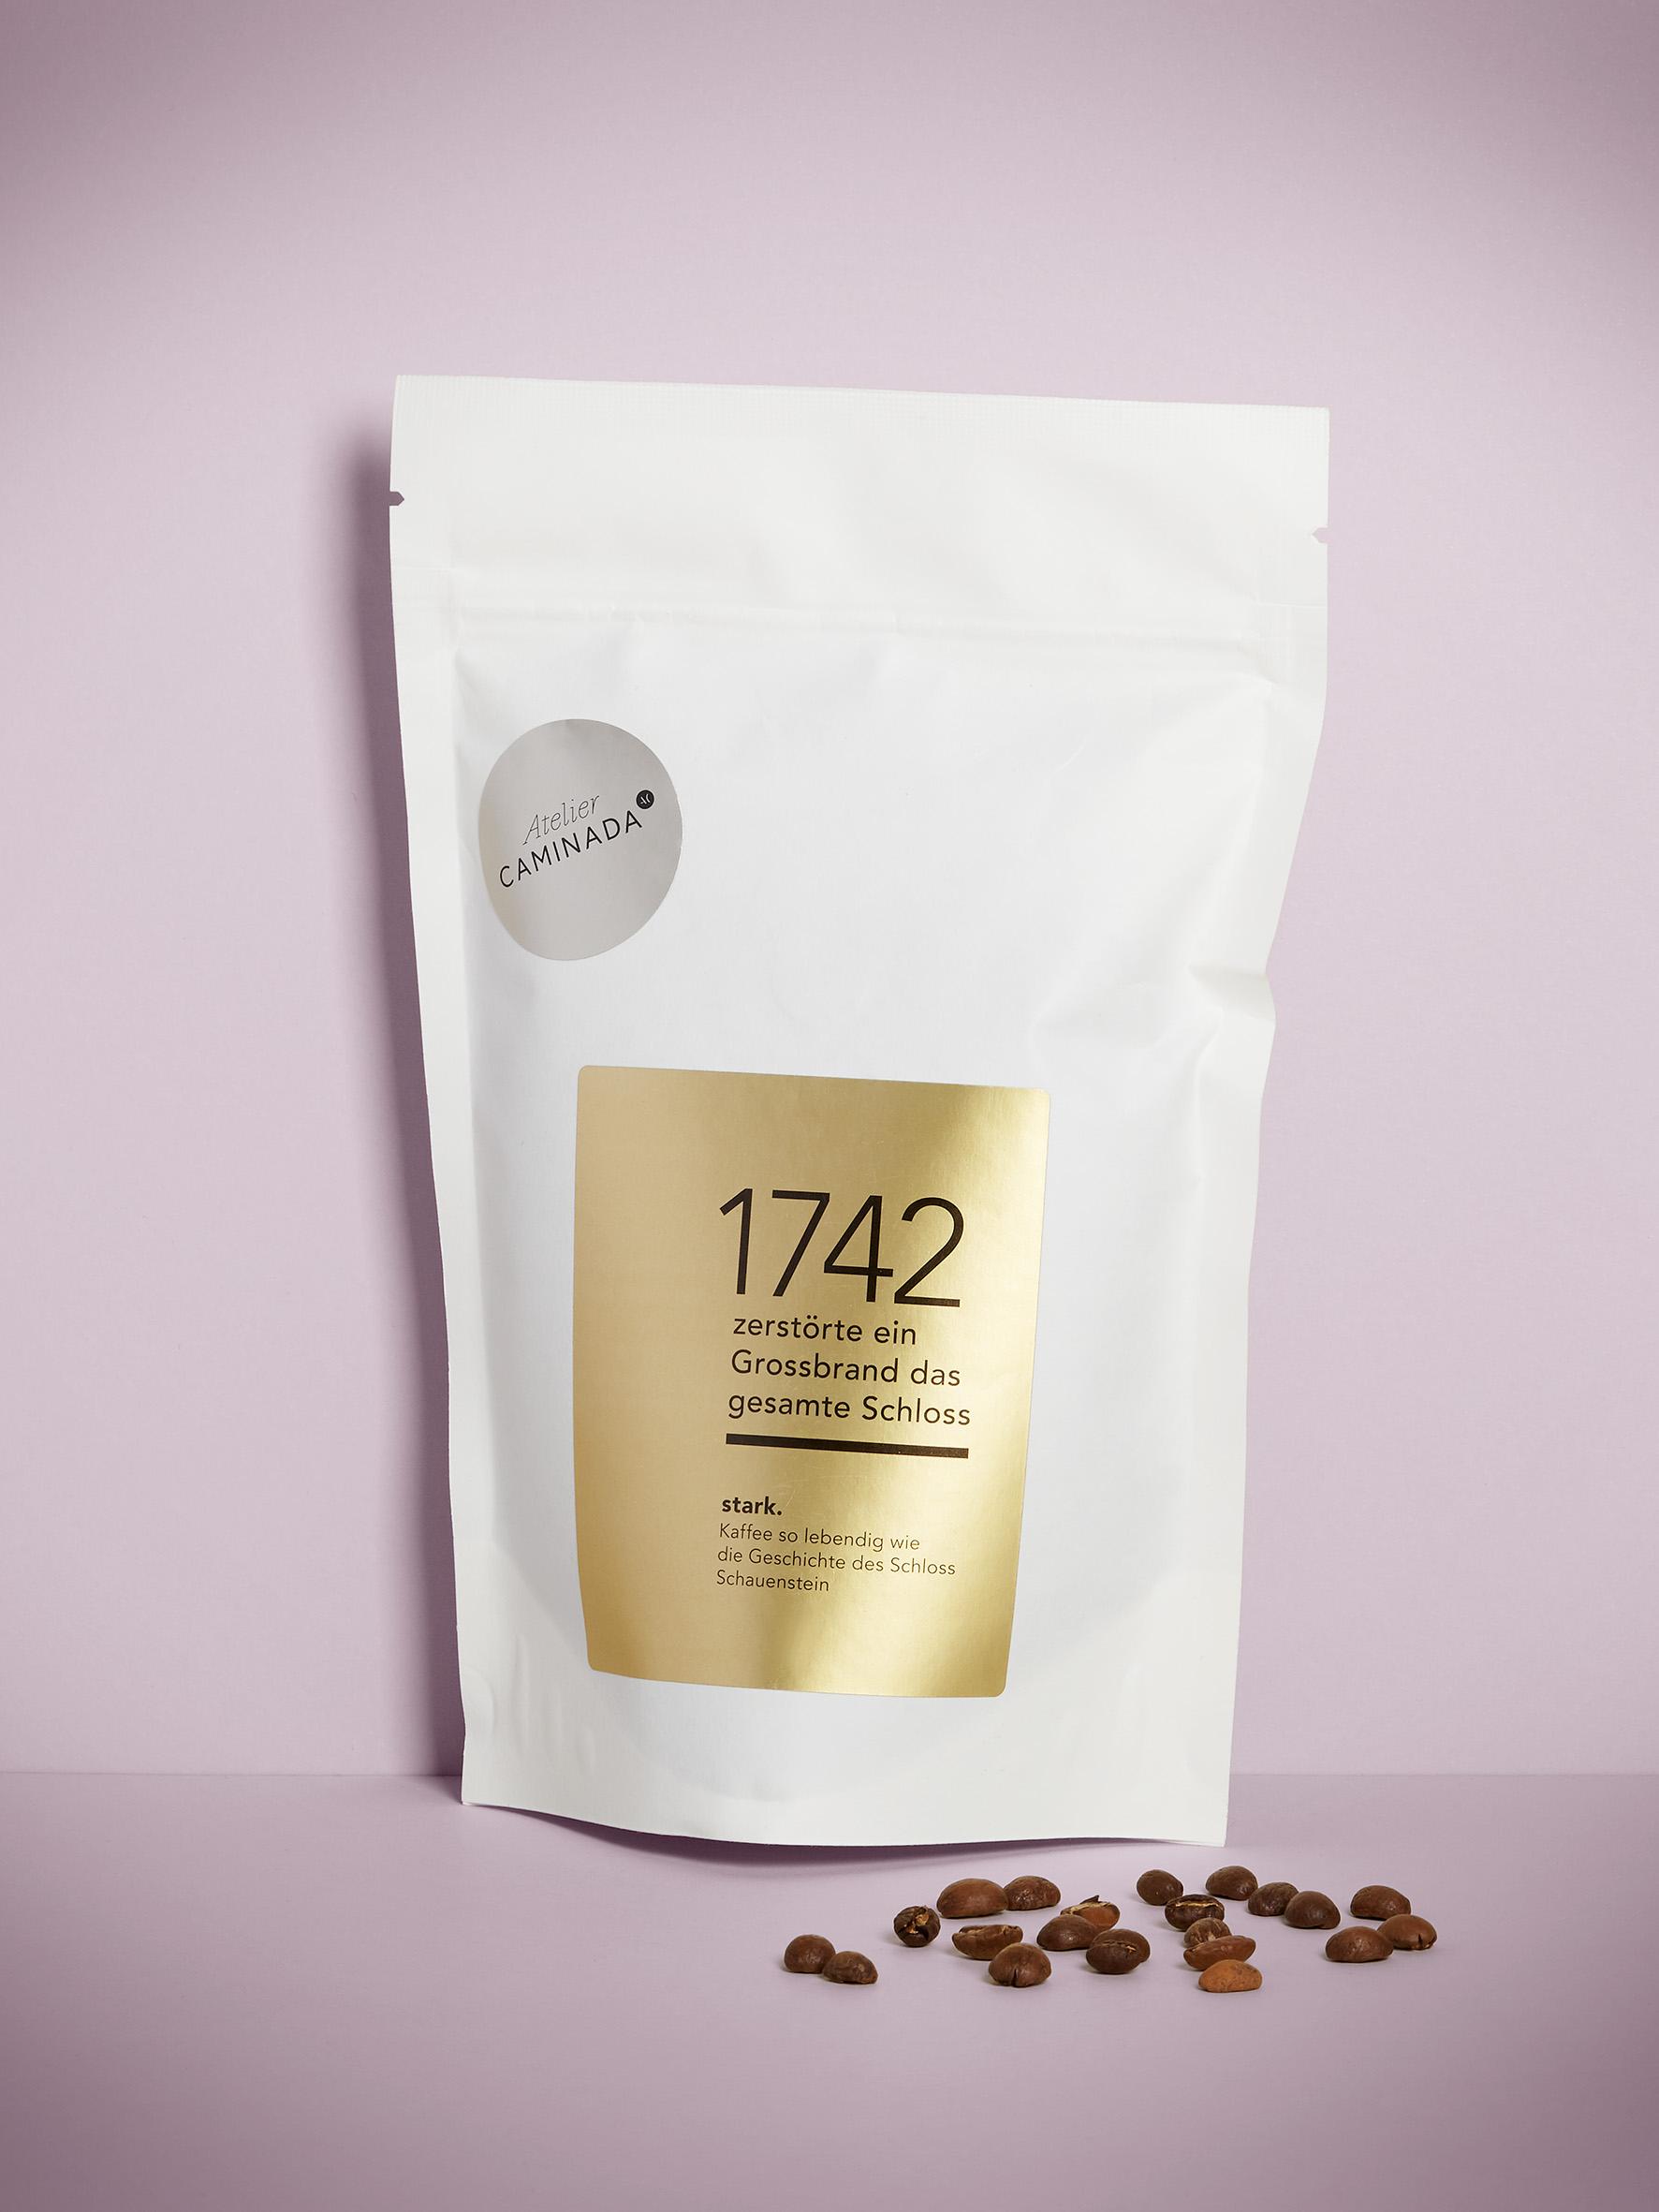 Andreas Caminada: 1742 - Kaffee stark